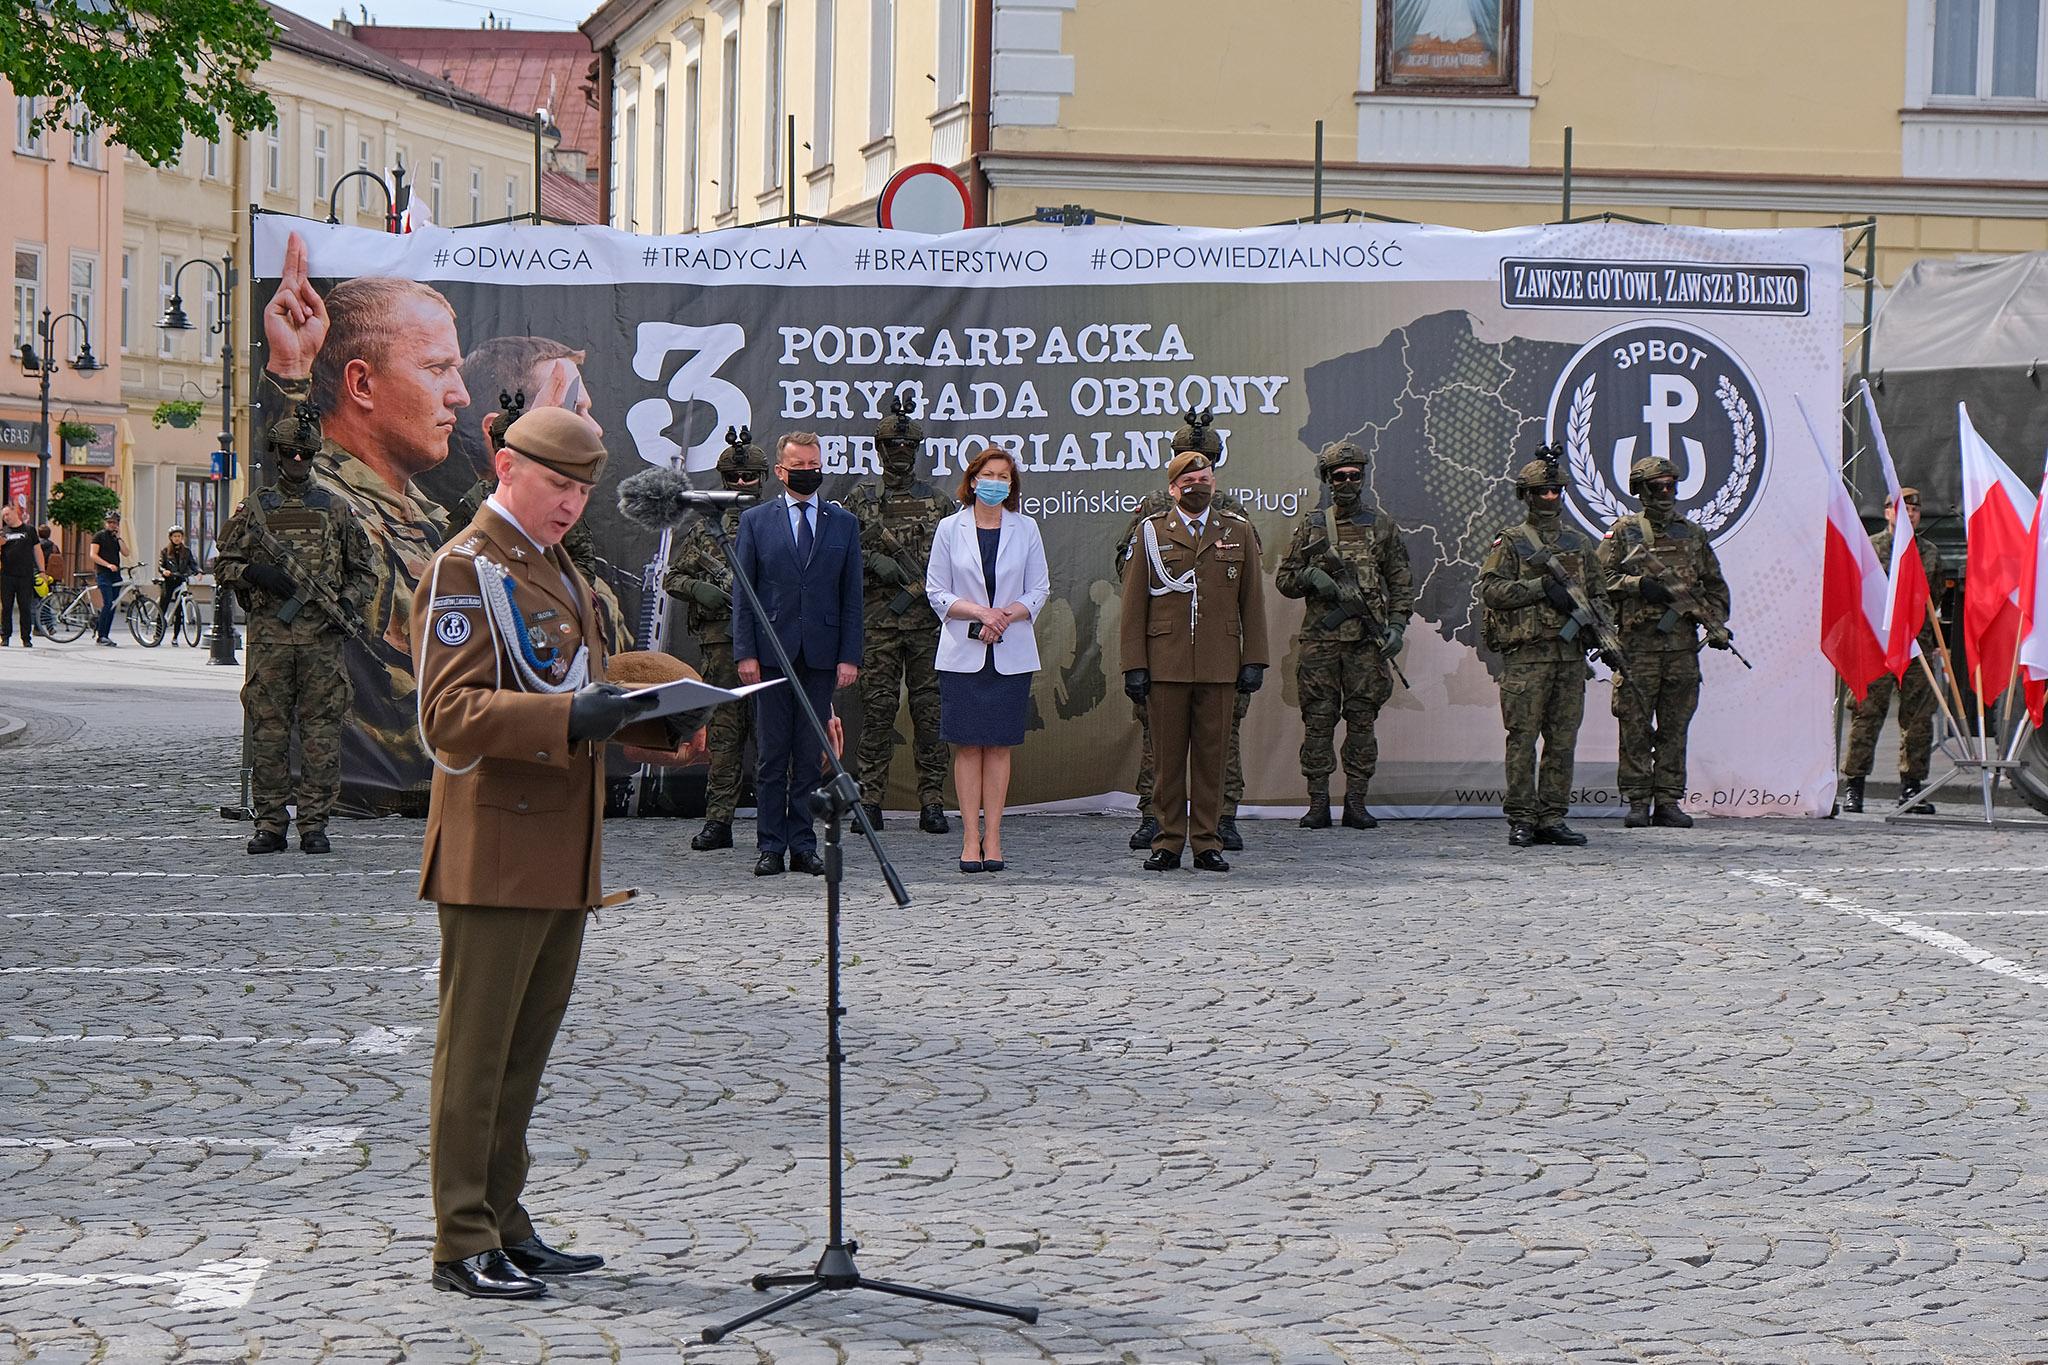 DSCF2196_RZESZOW_NEWS_SEBASTIAN_STANKIEWICZ